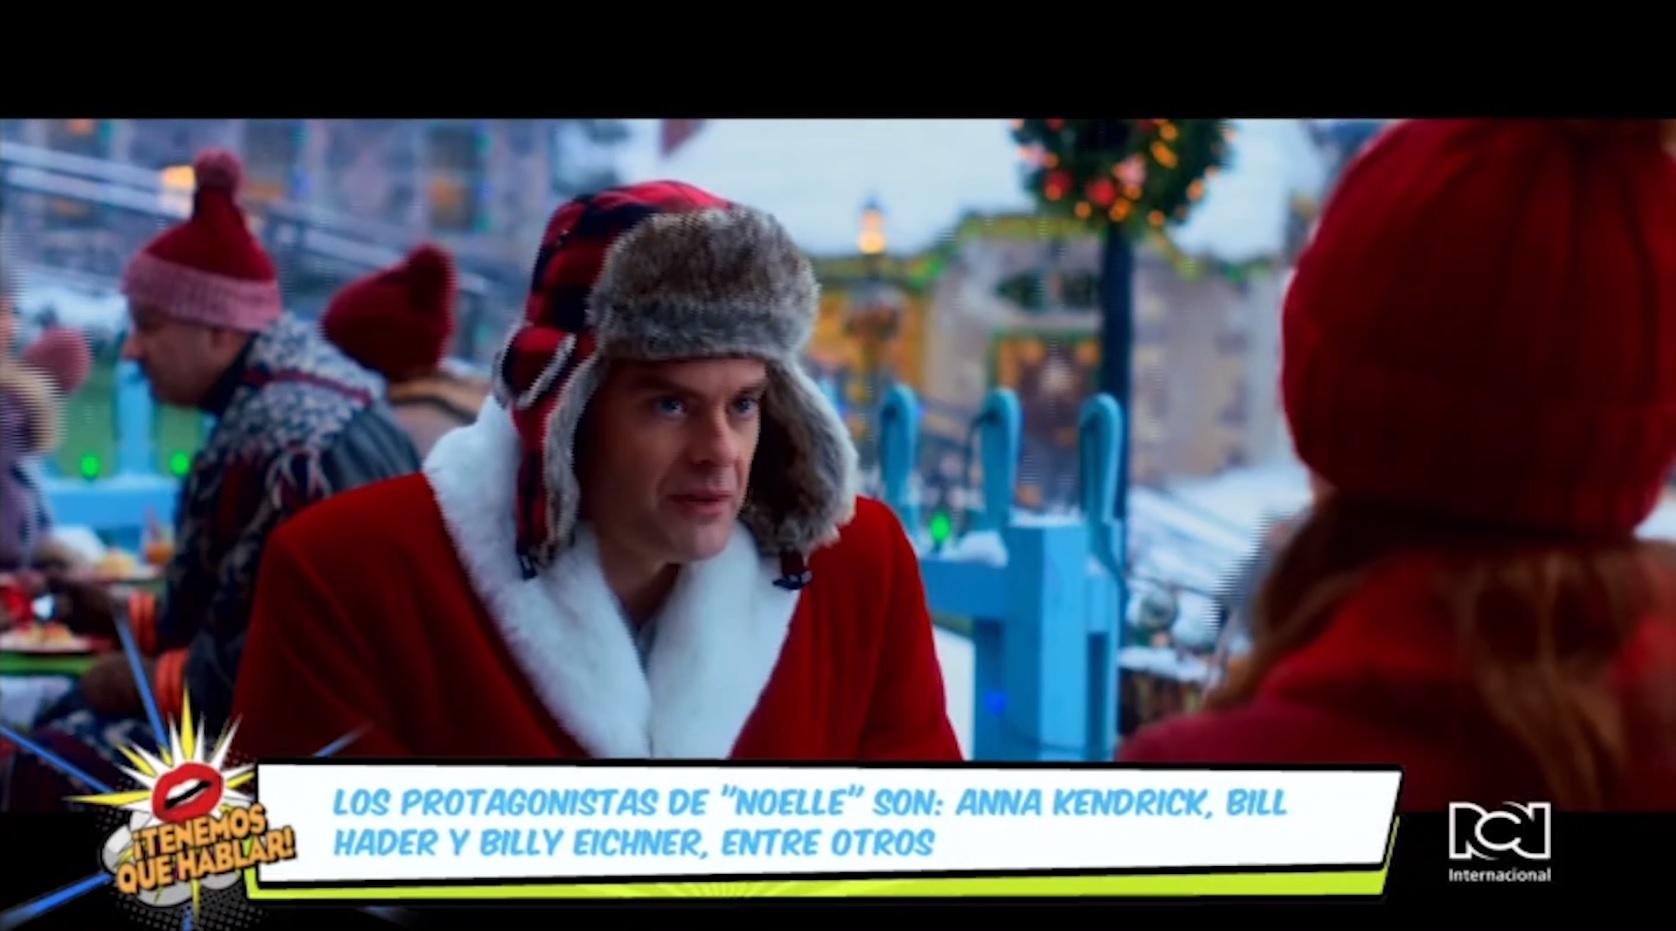 Disney adelantará la navidad para noviembre con el estreno de la película 'Noelle'